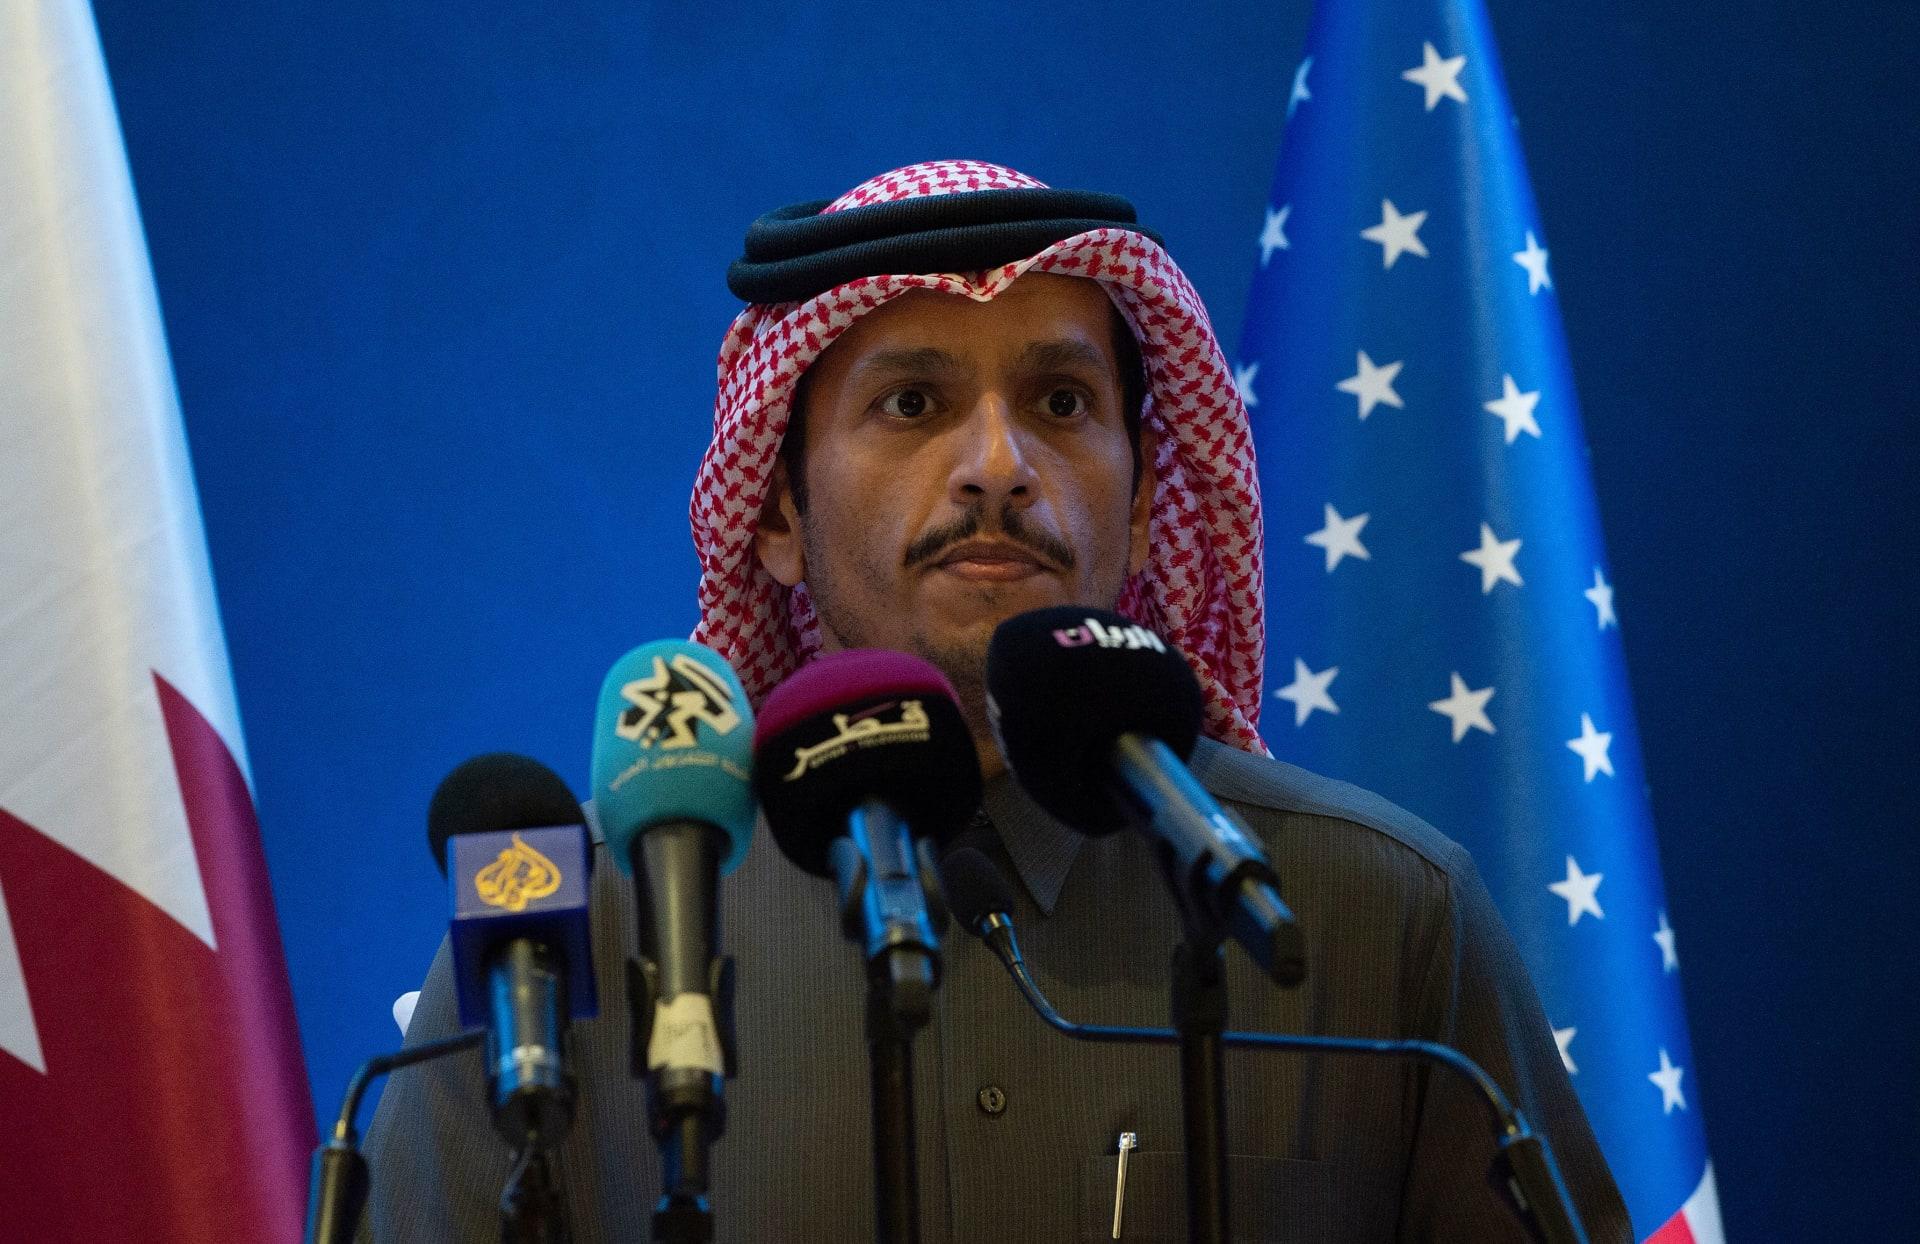 """وزير خارجية قطر: لا حل في الأفق للأزمة الخليجية ويجب فتح حوار """"إيجابي"""" مع إيران"""